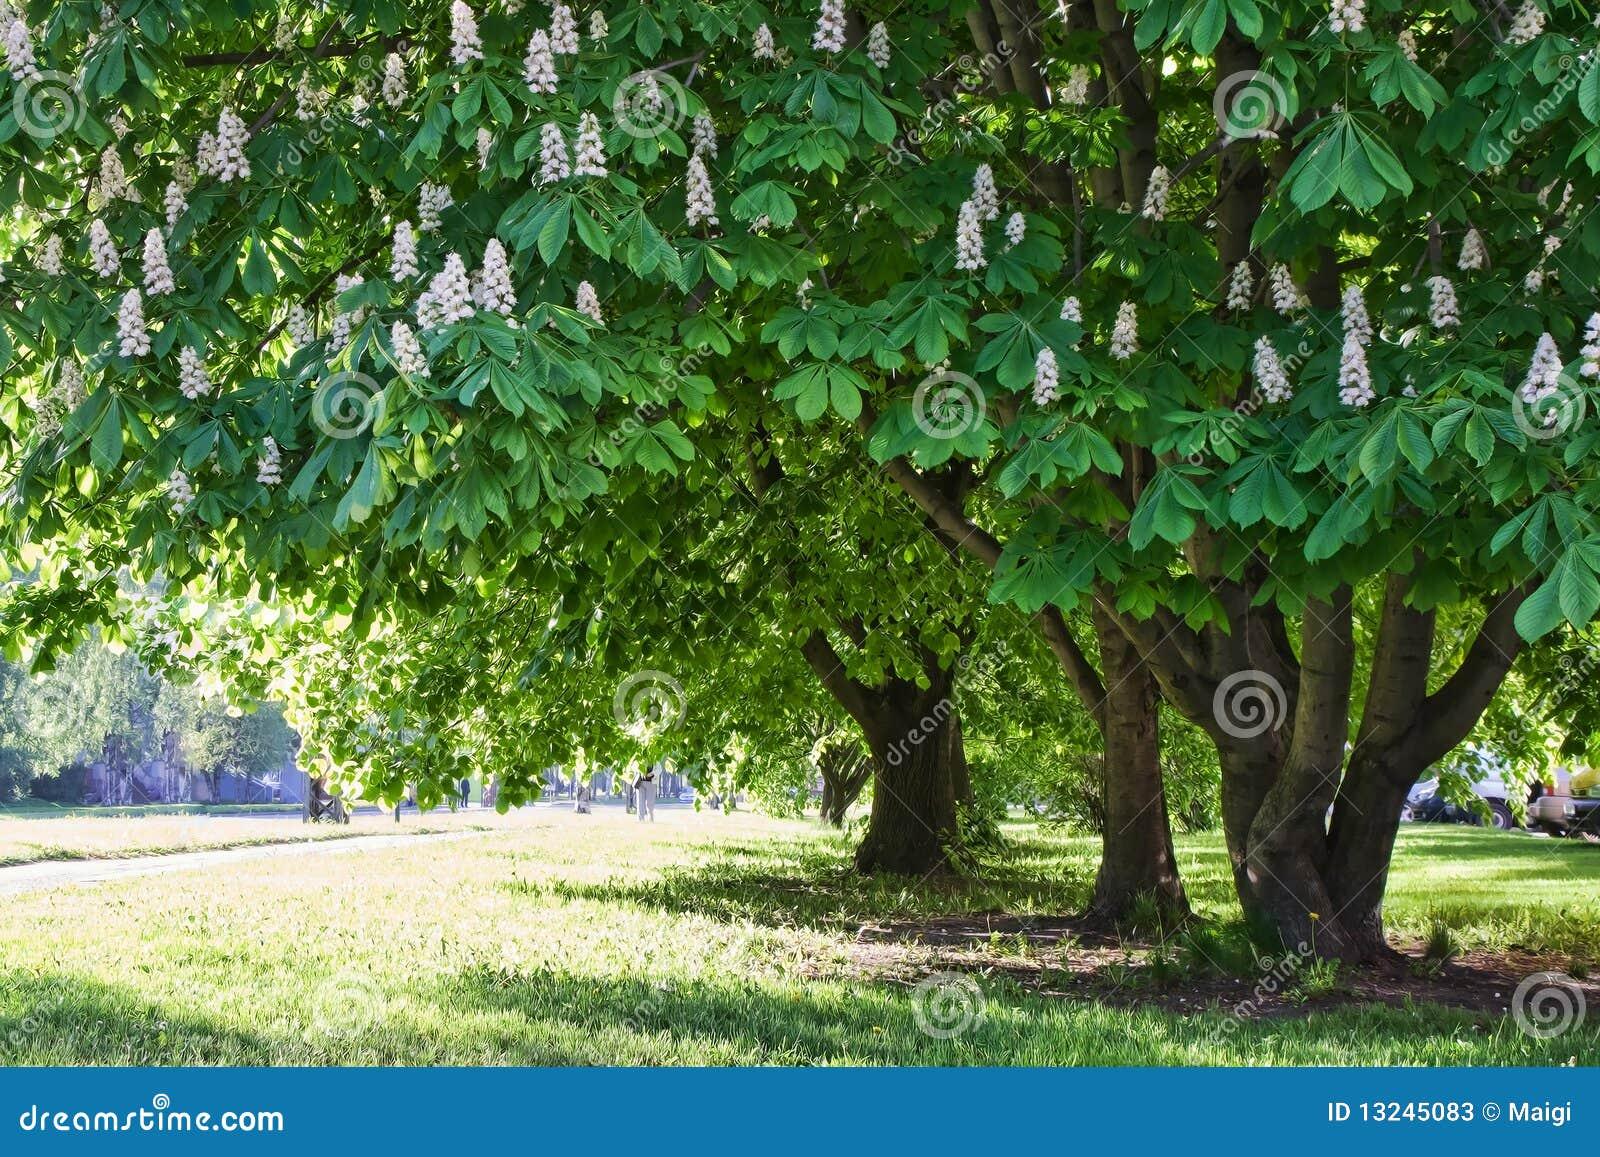 Chestnut trees in park